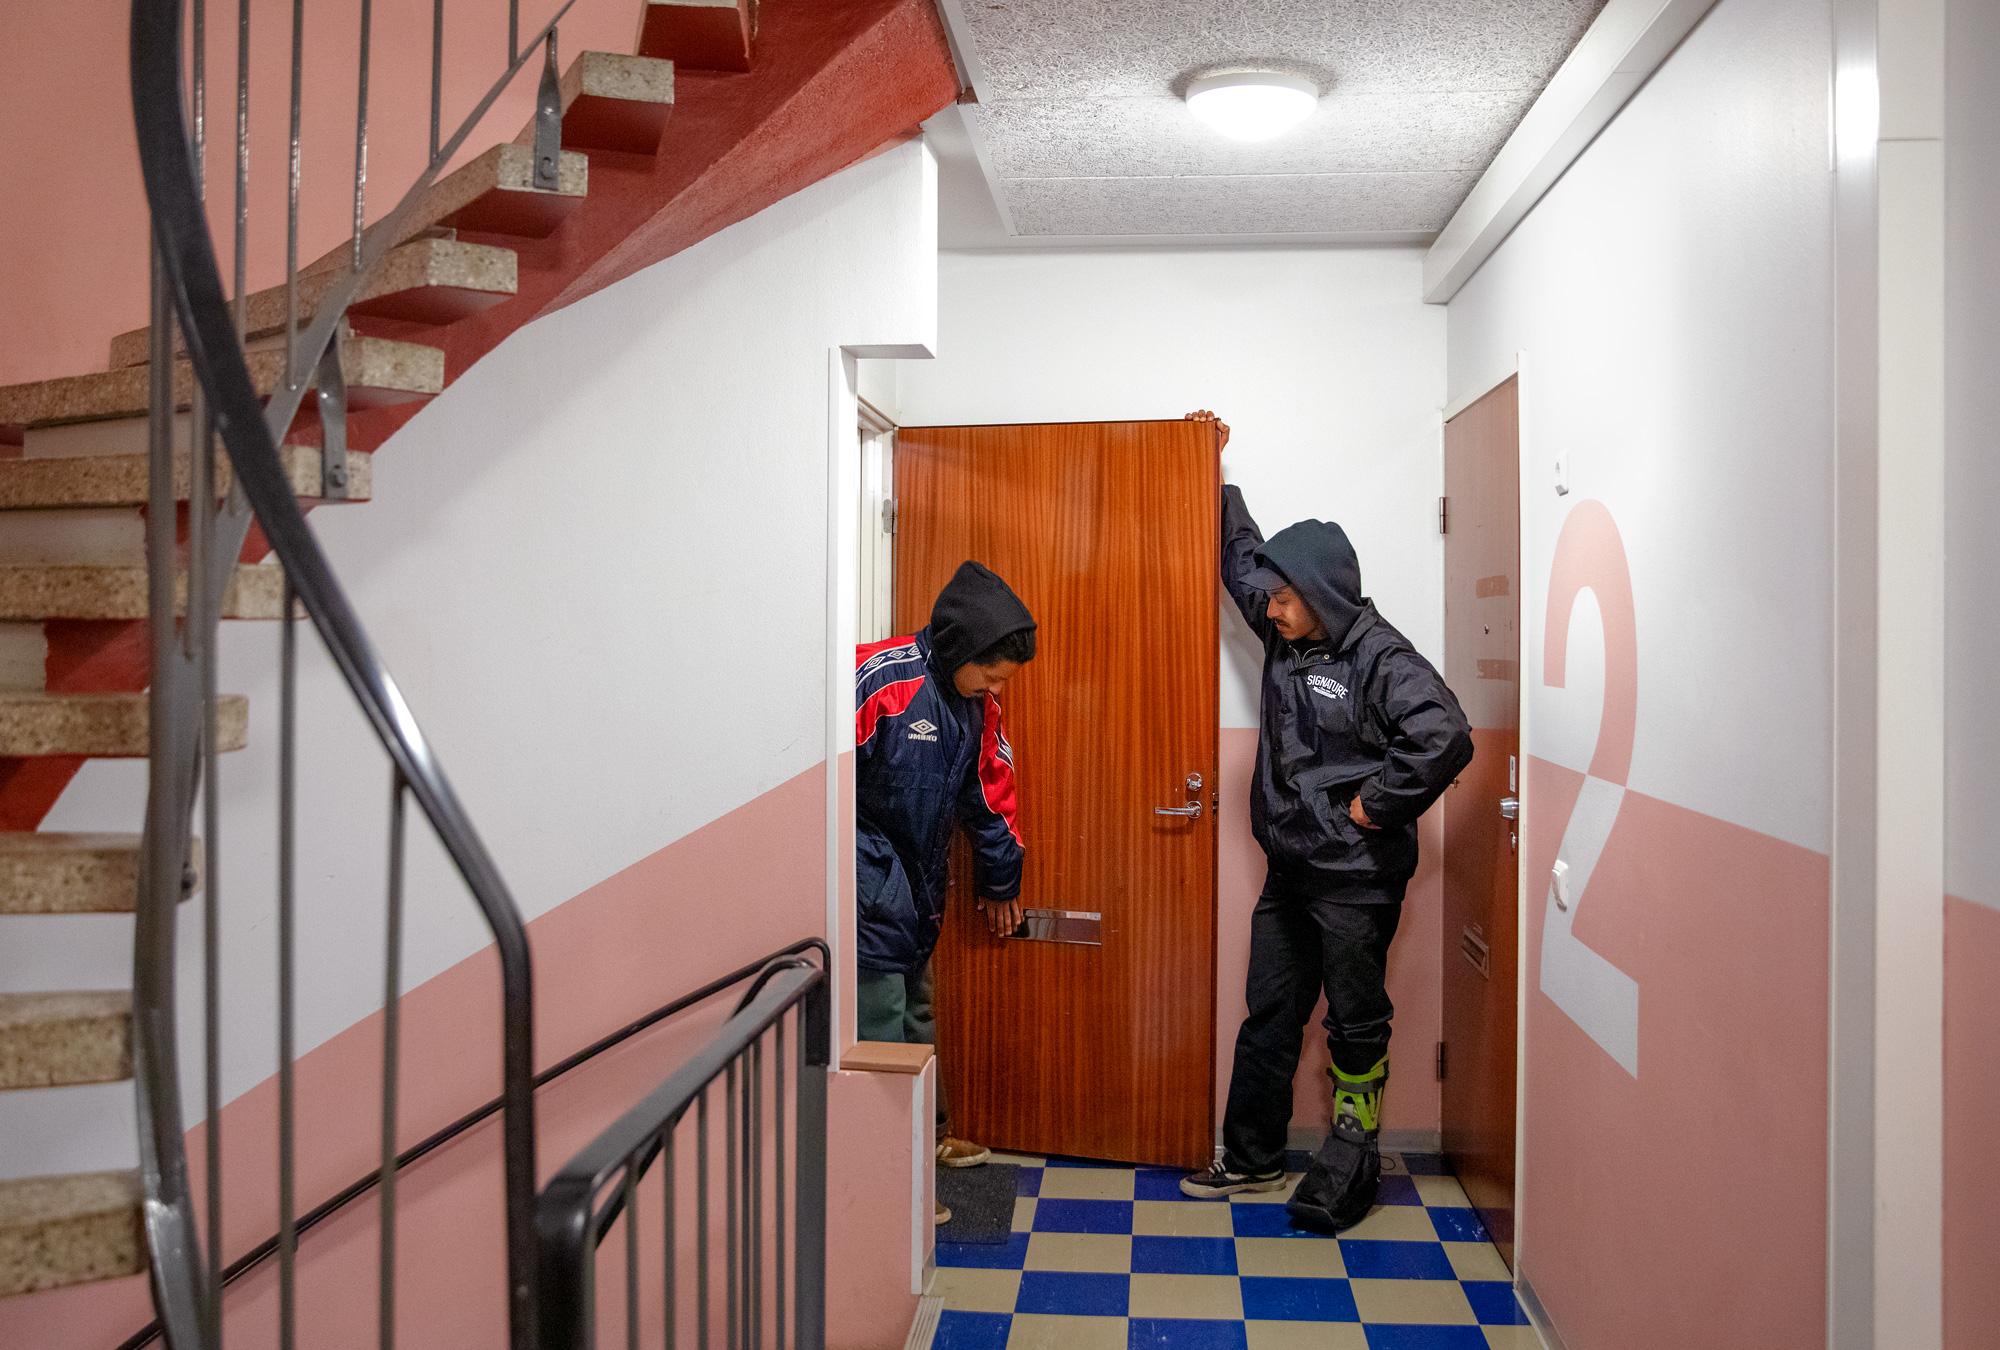 Kaksi miestä seisoo oviaukossa kerrostalon käytävässä.